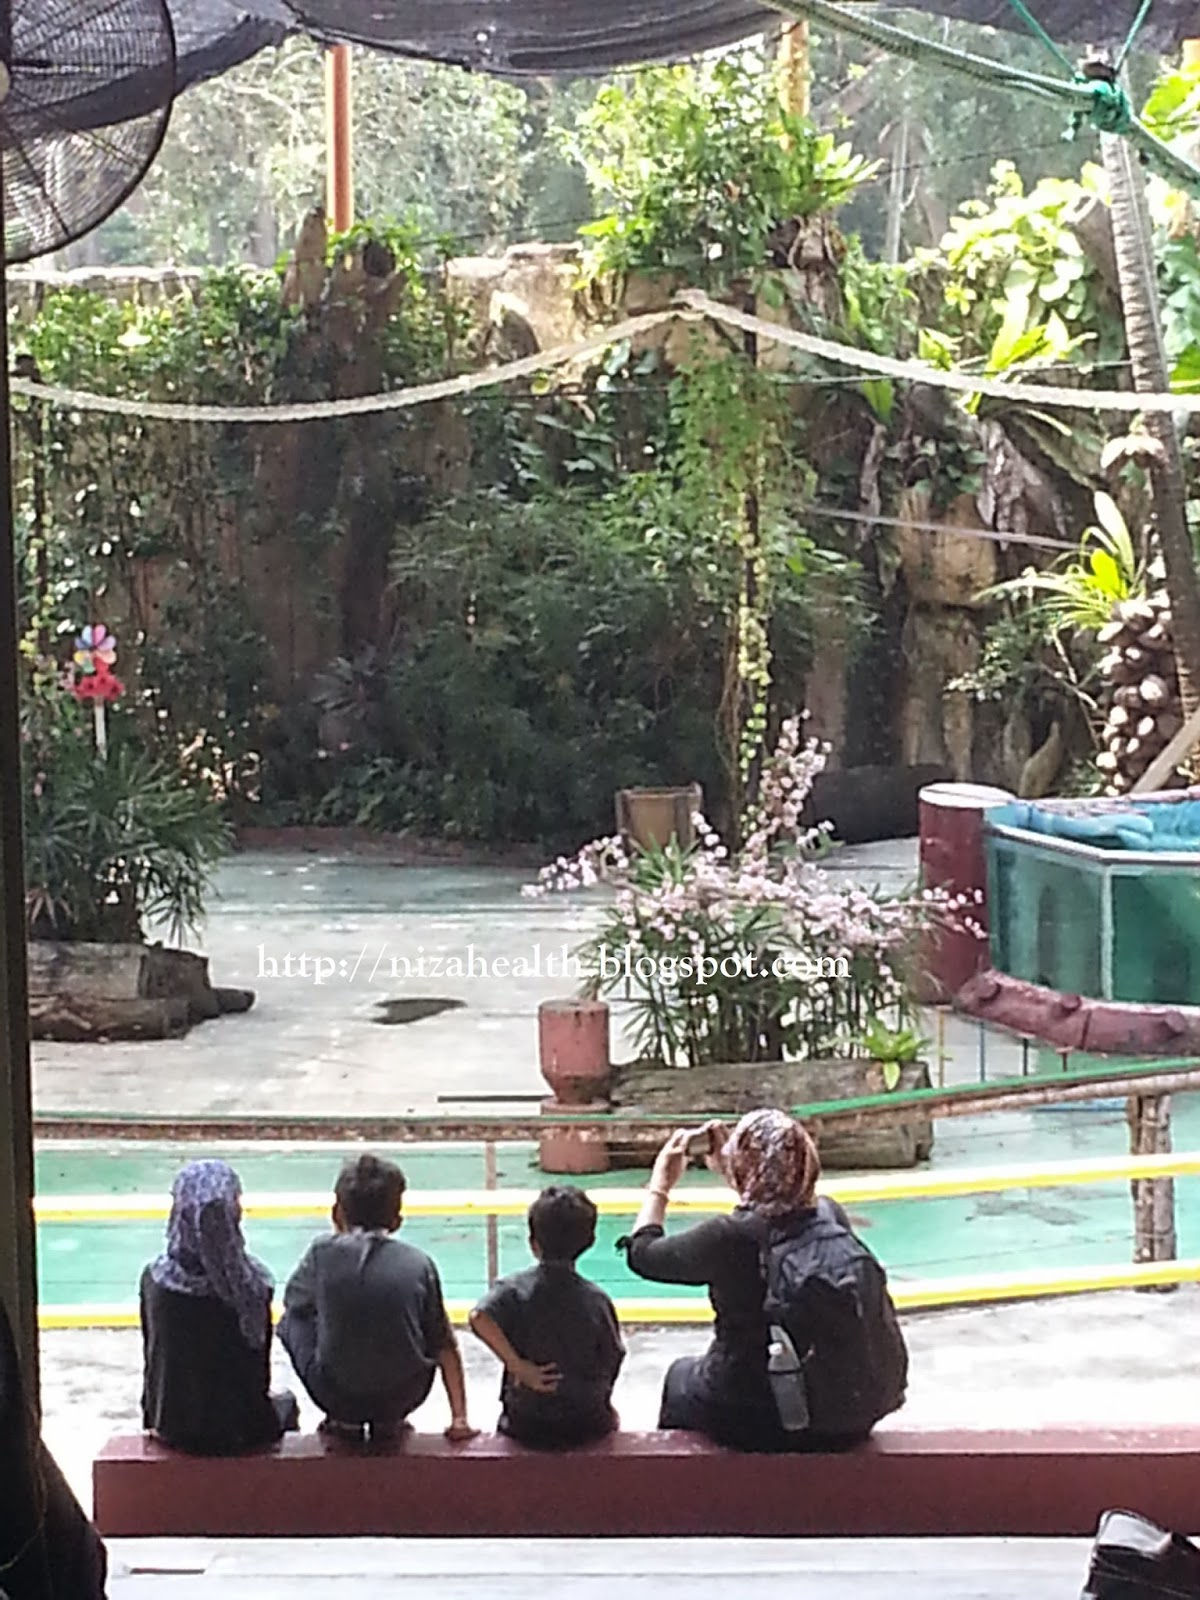 Pertunjukan Haiwan Yang Meniti dari atas tali